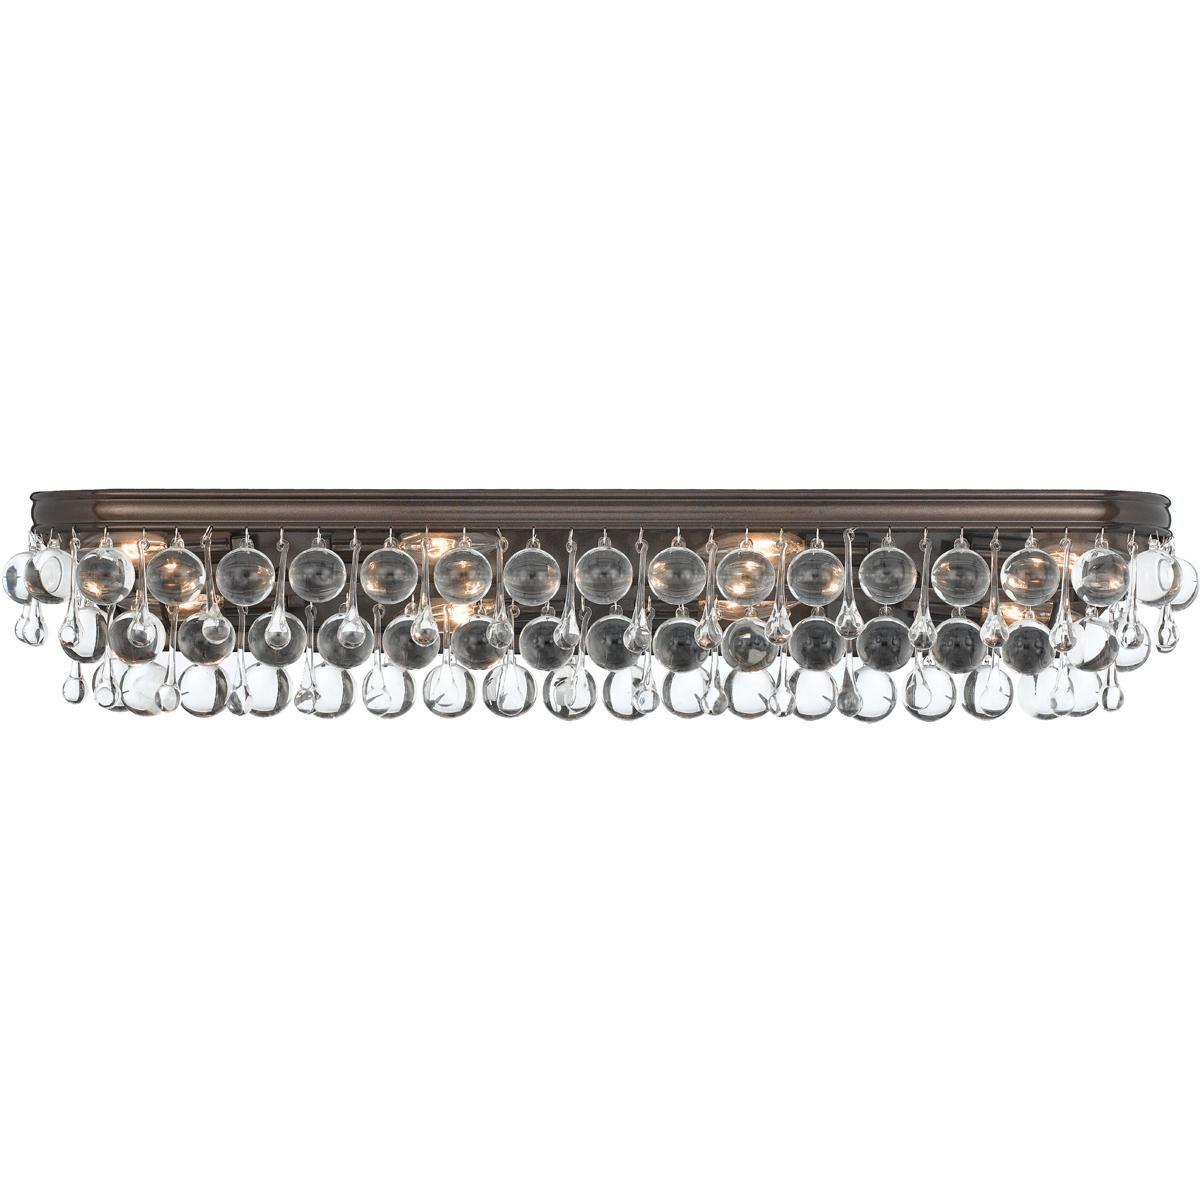 Crystal Ball Bath Light - 8 light | Crystal ball, Bath light and Bath